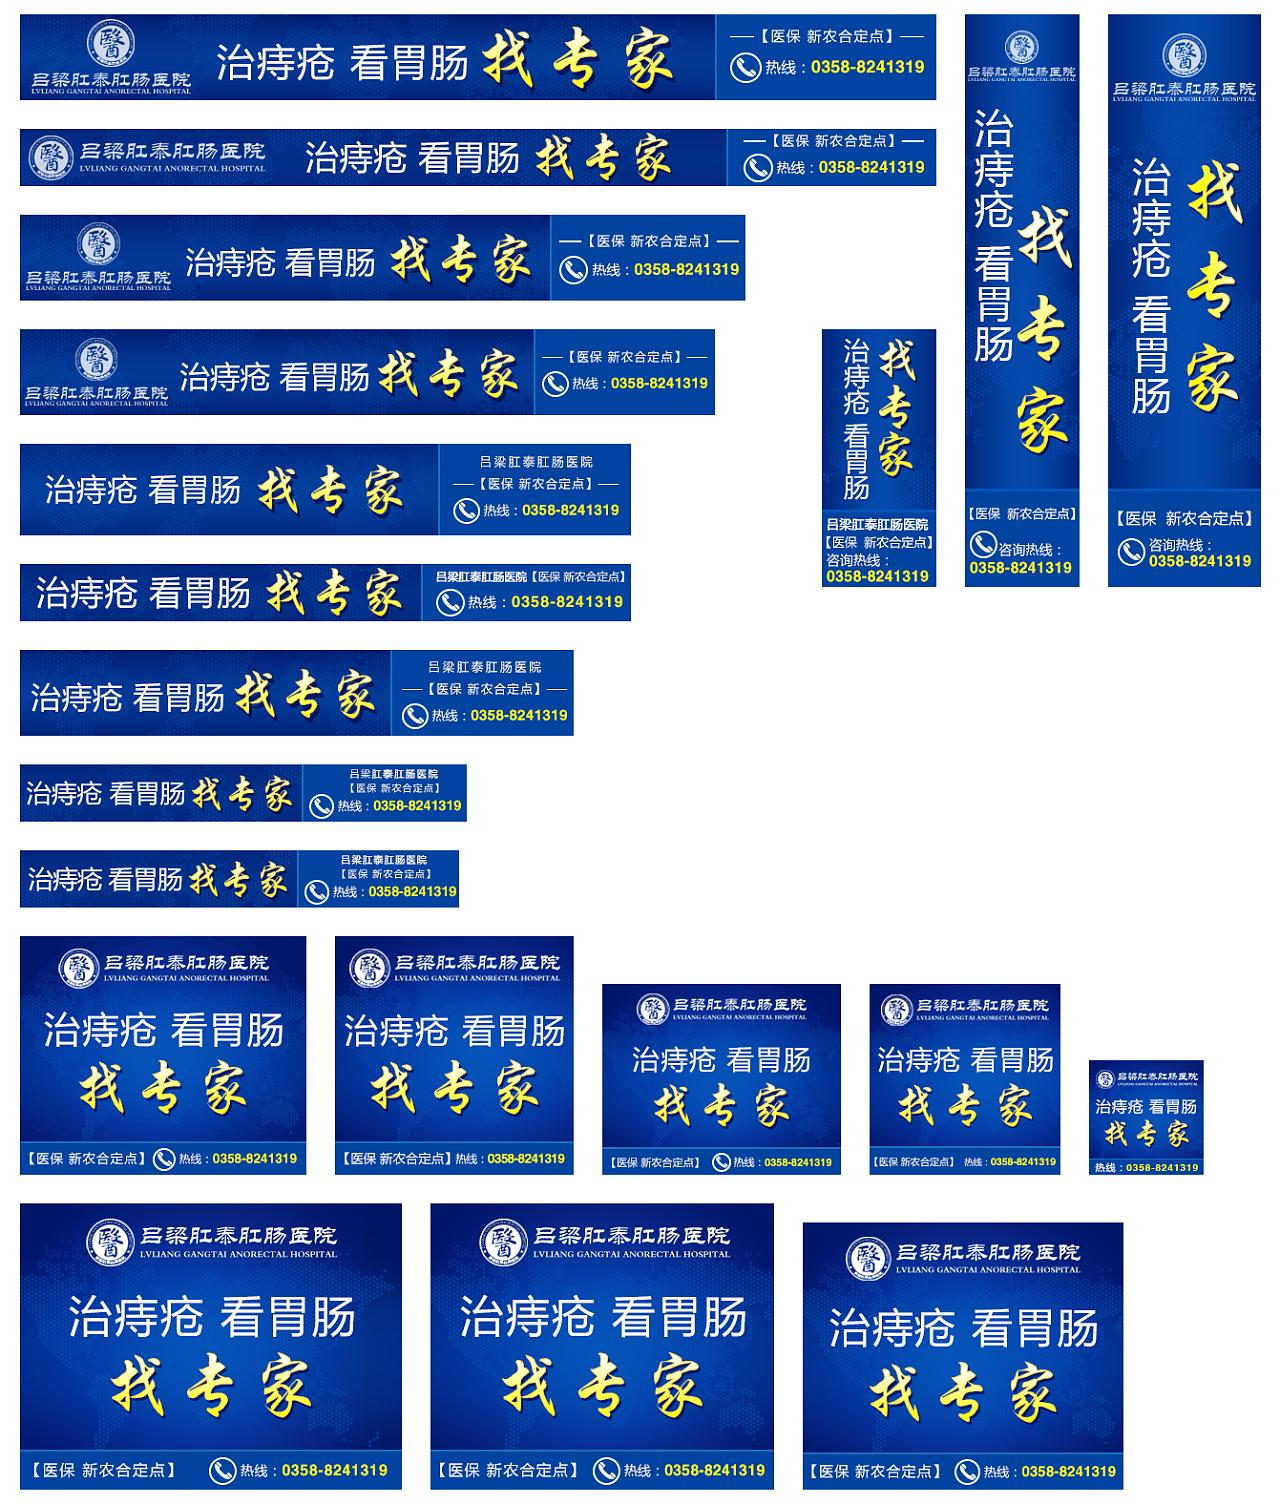 山西吕梁肛泰品牌网盟10.19